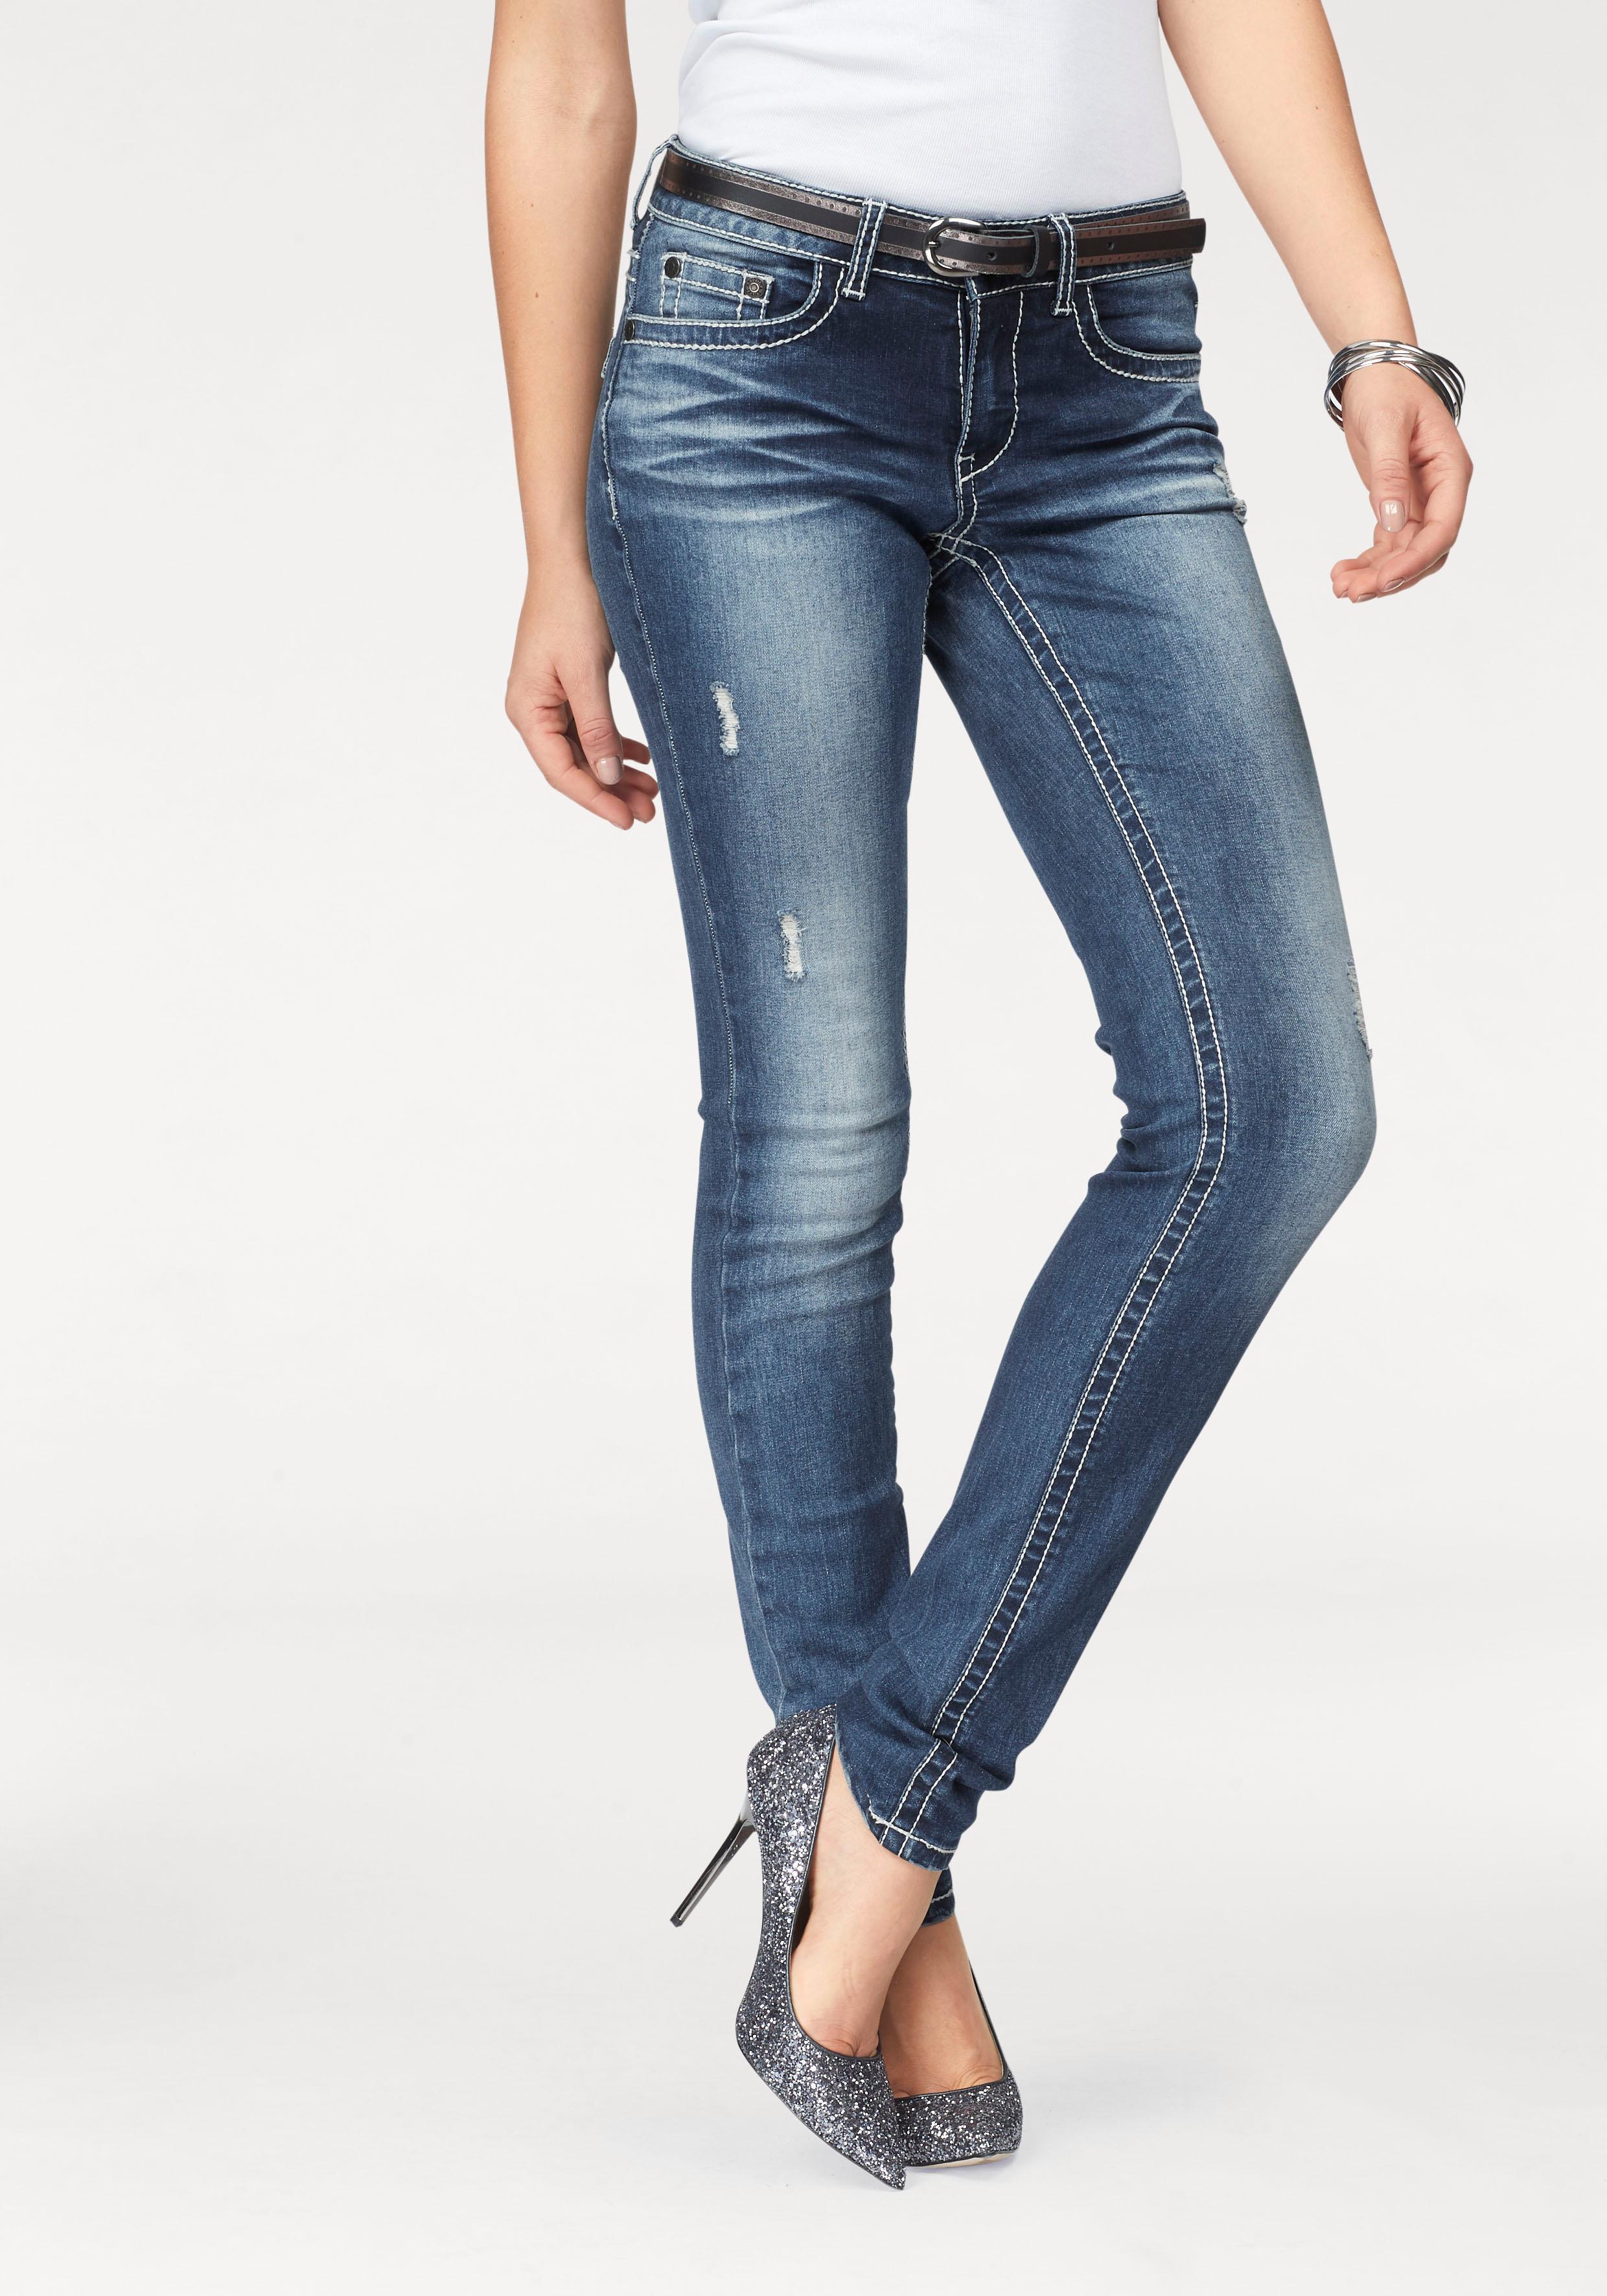 Image of Arizona Skinny-fit-Jeans »mit Kontrastnähten und Pattentaschen«